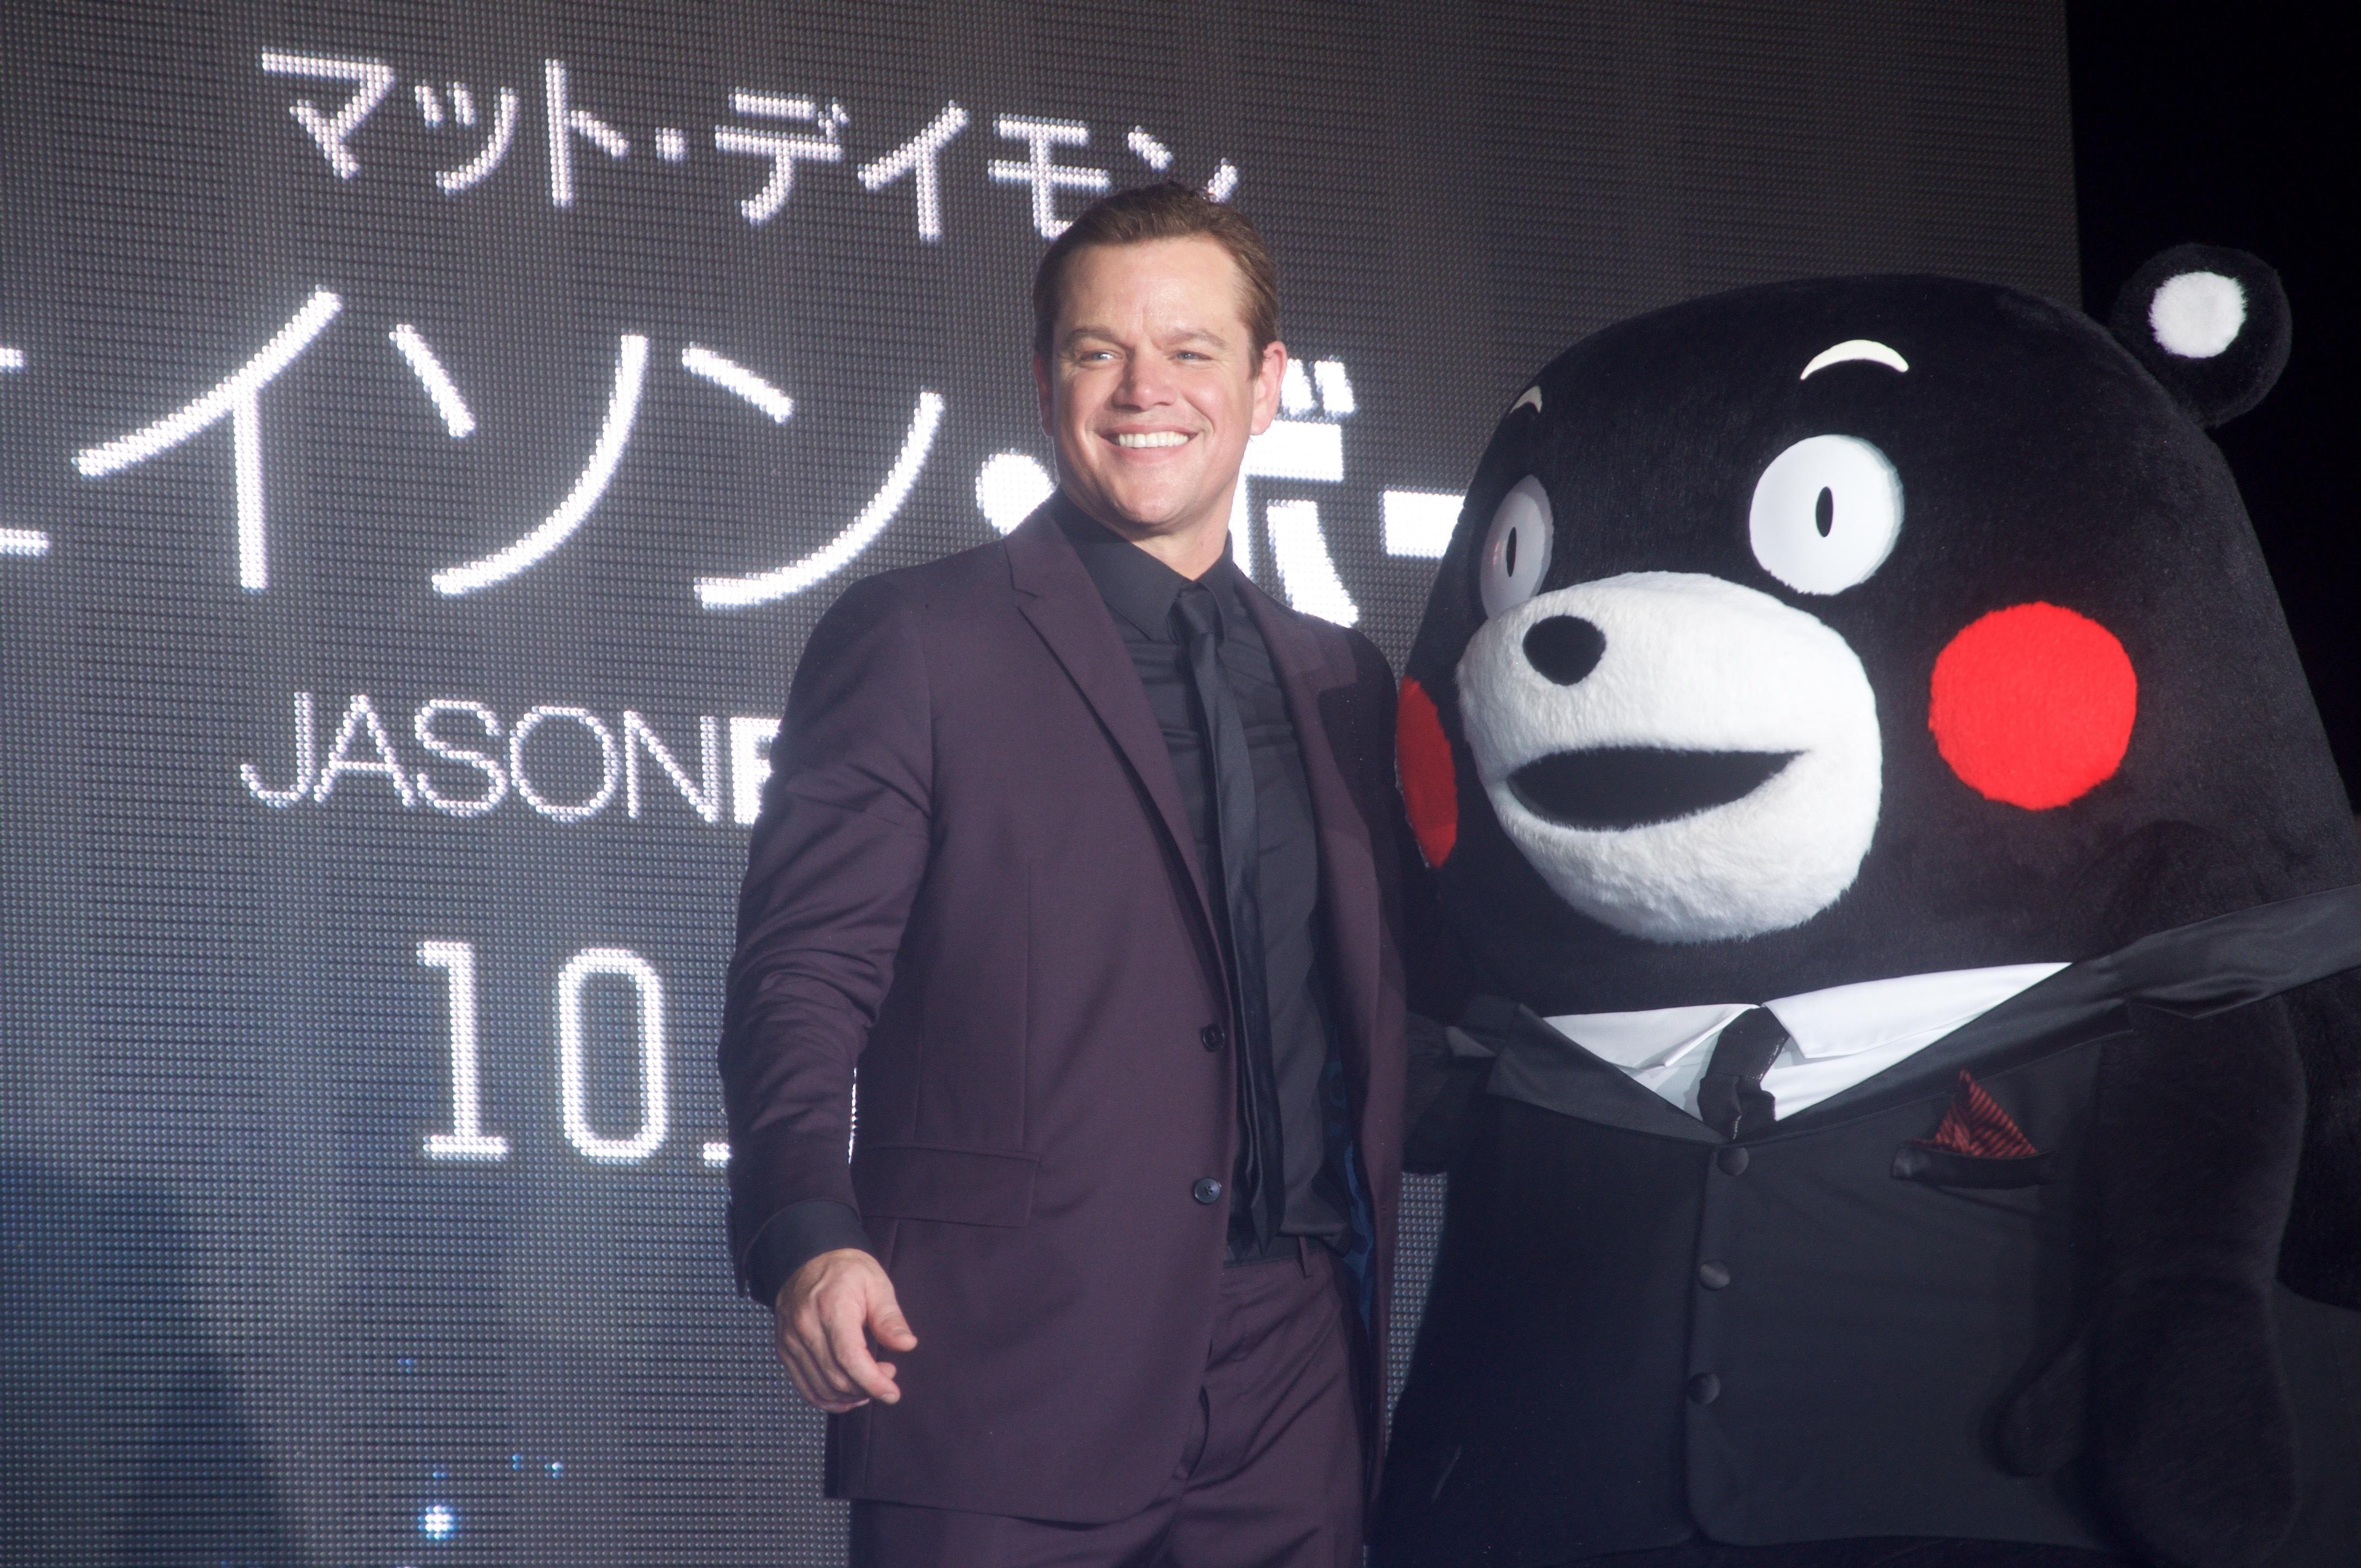 マット・デイモンがくまモンと共演!?『ジェイソン・ボーン』を引っさげ9年ぶりの来日!